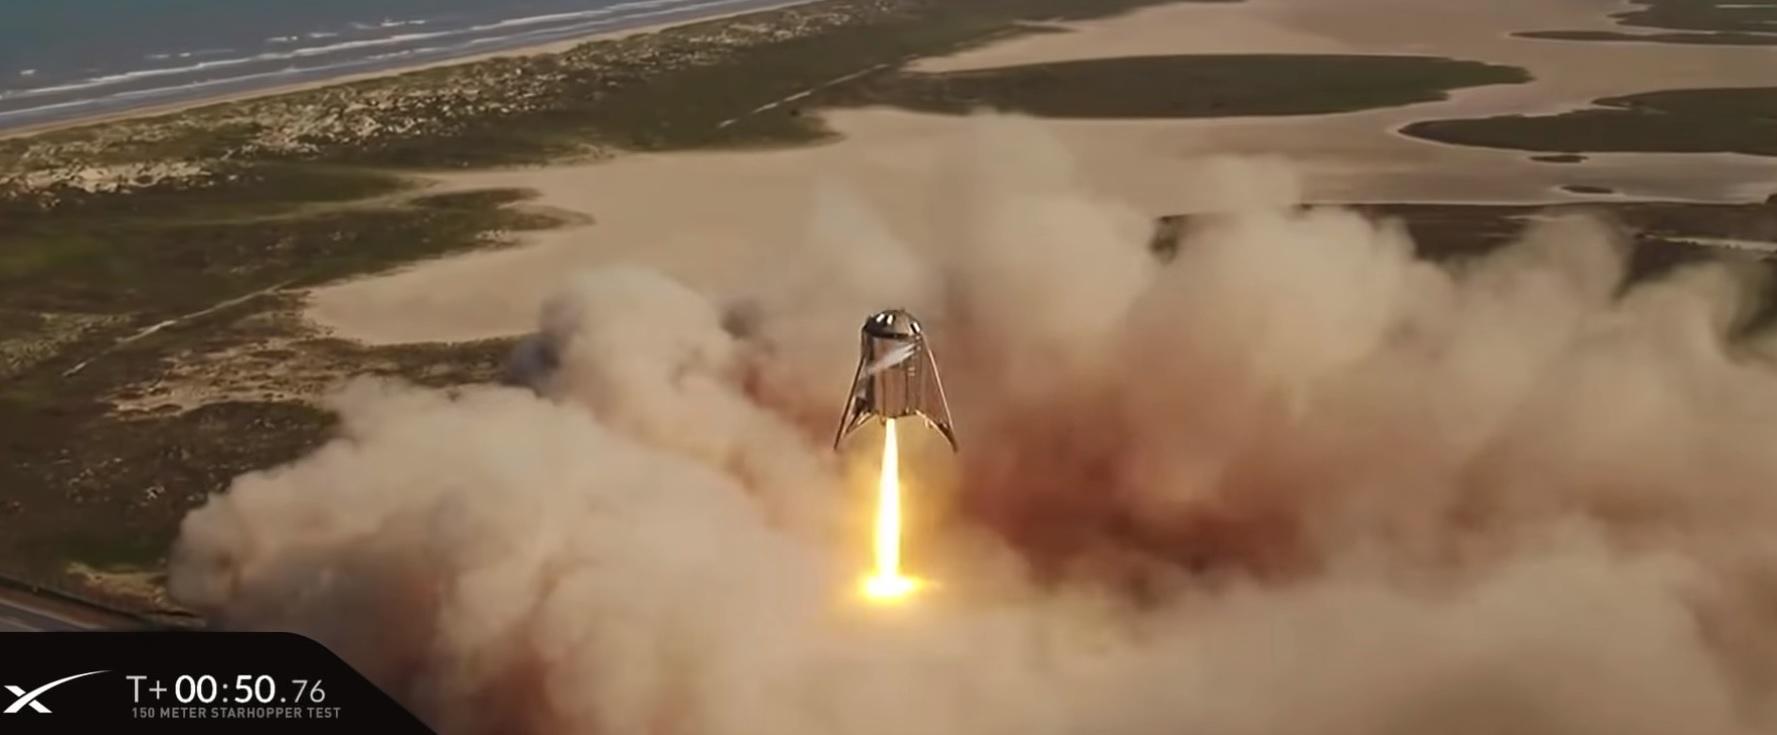 SpaceX провела летные испытания прототипа ракеты Starship — взлет на высоту 150 метров и мягкая посадка на площадку - 1